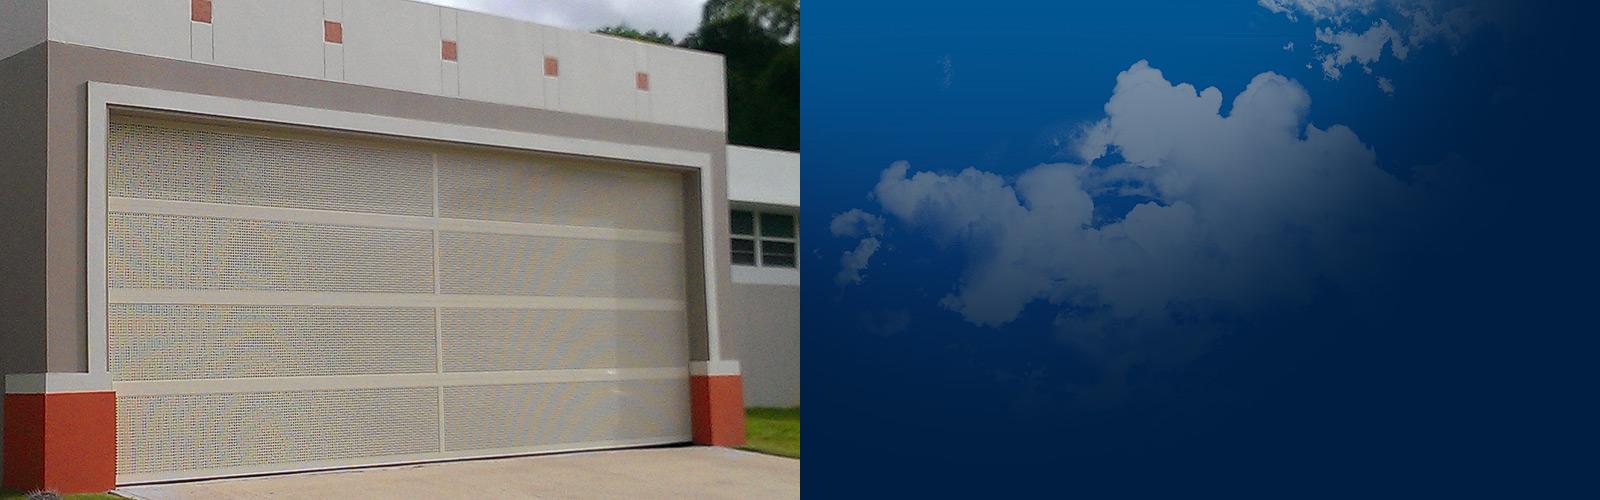 Ventanas y puertas de seguridad en puerto rico pro - Puertas para garage ...